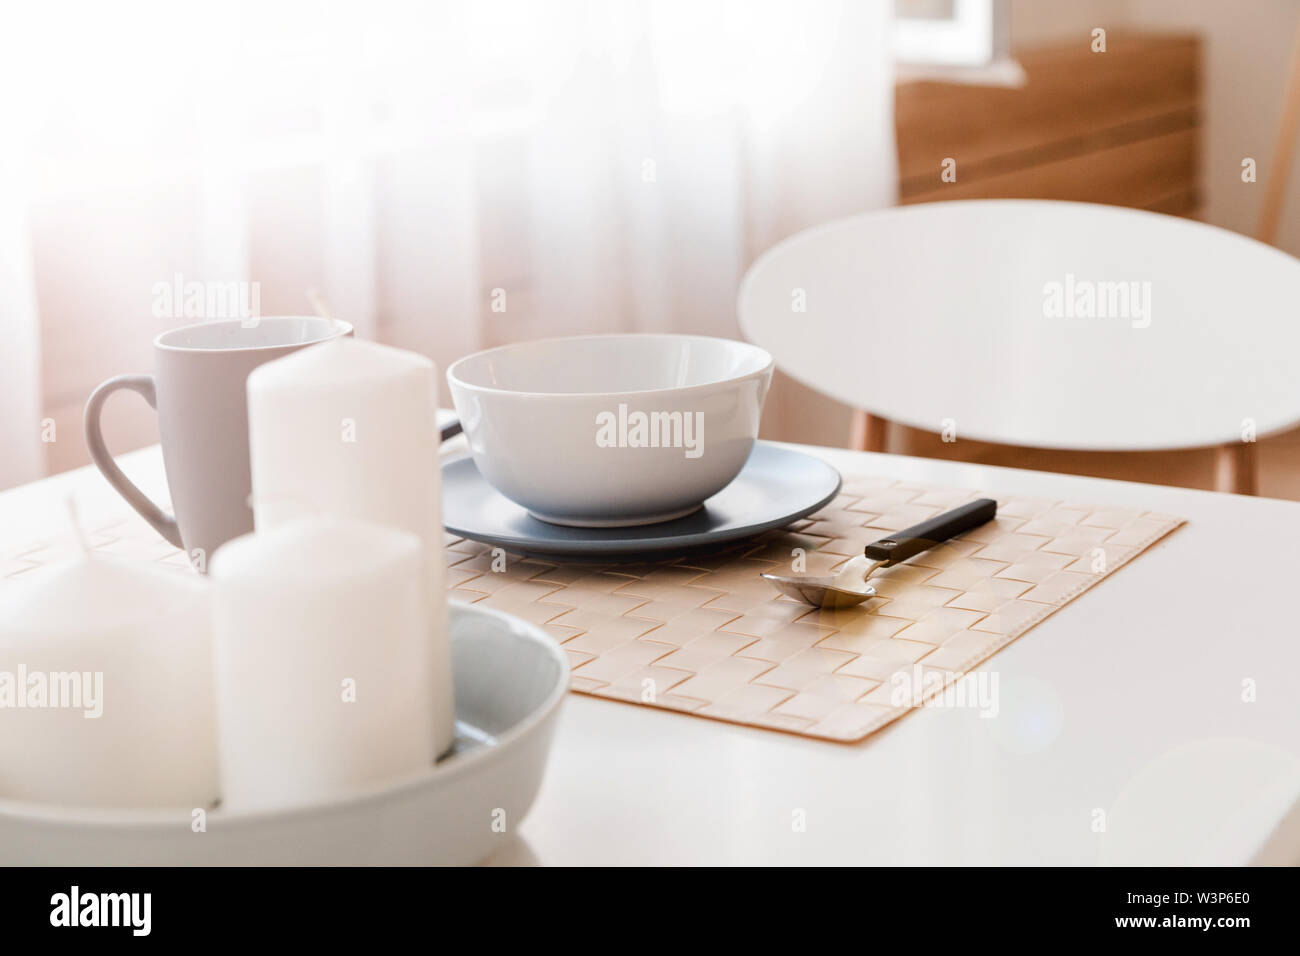 Besteck Tasse Und Teller Und Kerzen Fur Die Dekoration Auf Dem Kuchentisch Stockfotografie Alamy